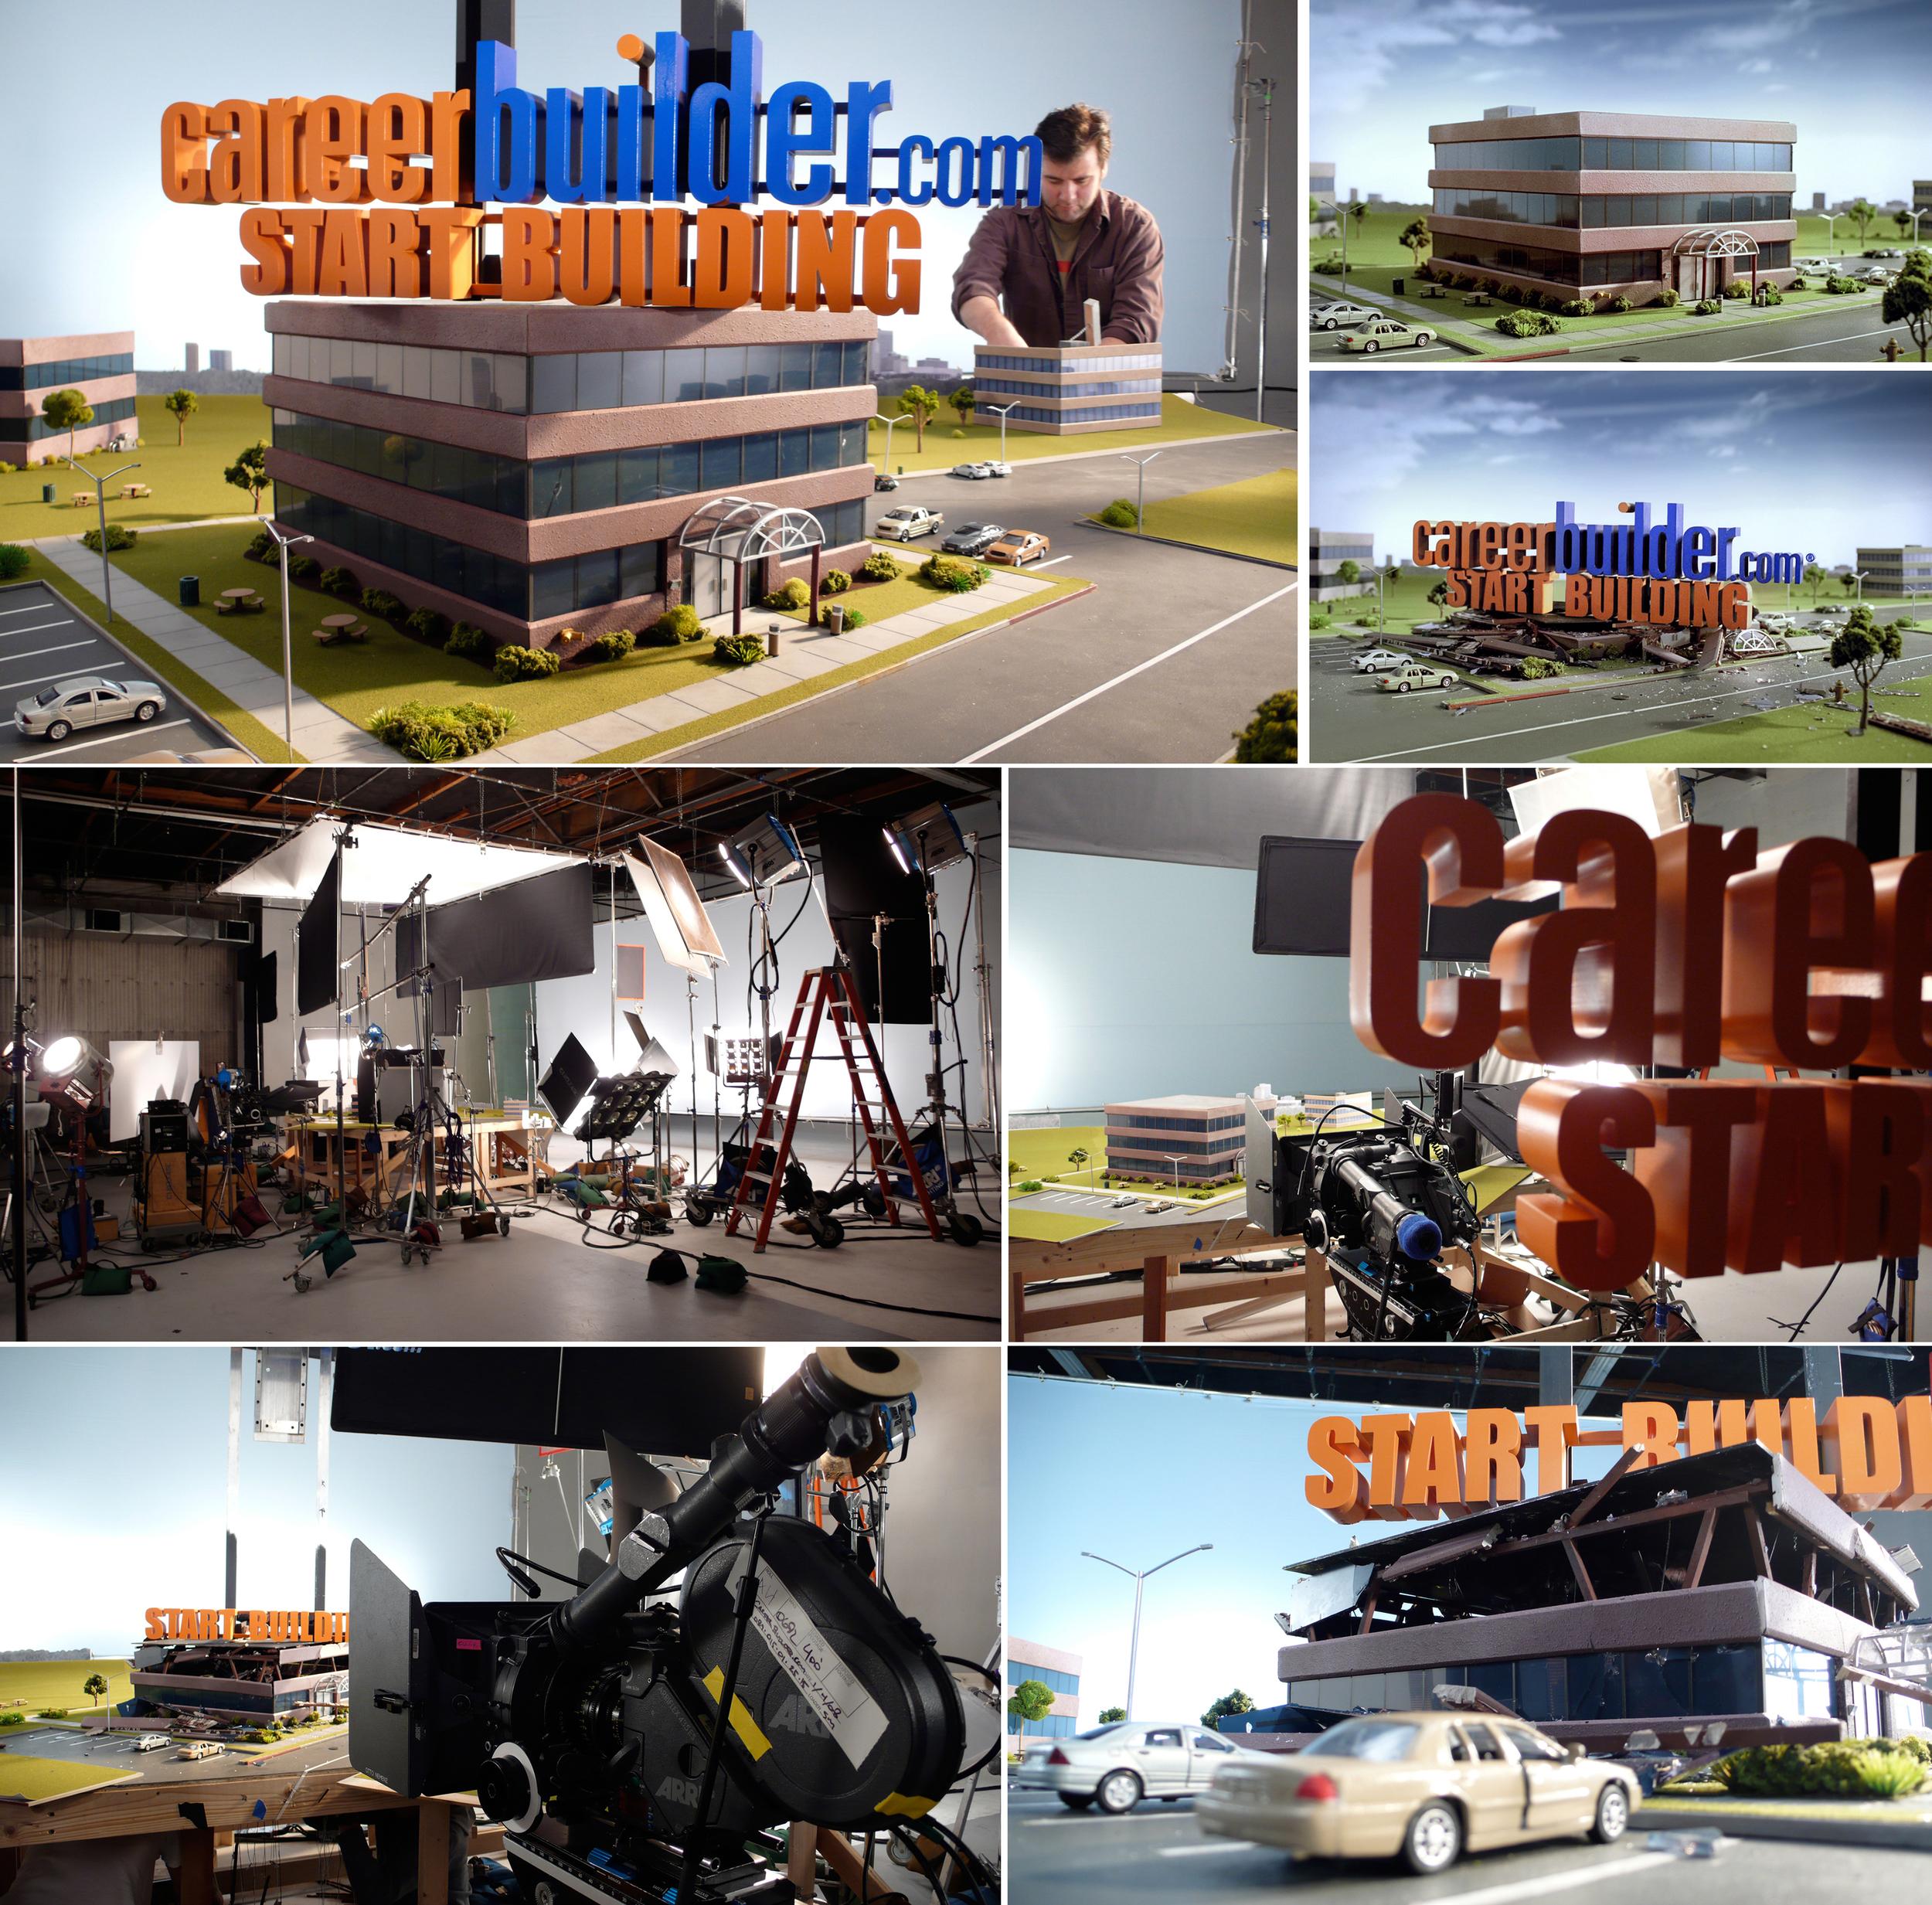 Career Builder Image 18.jpg